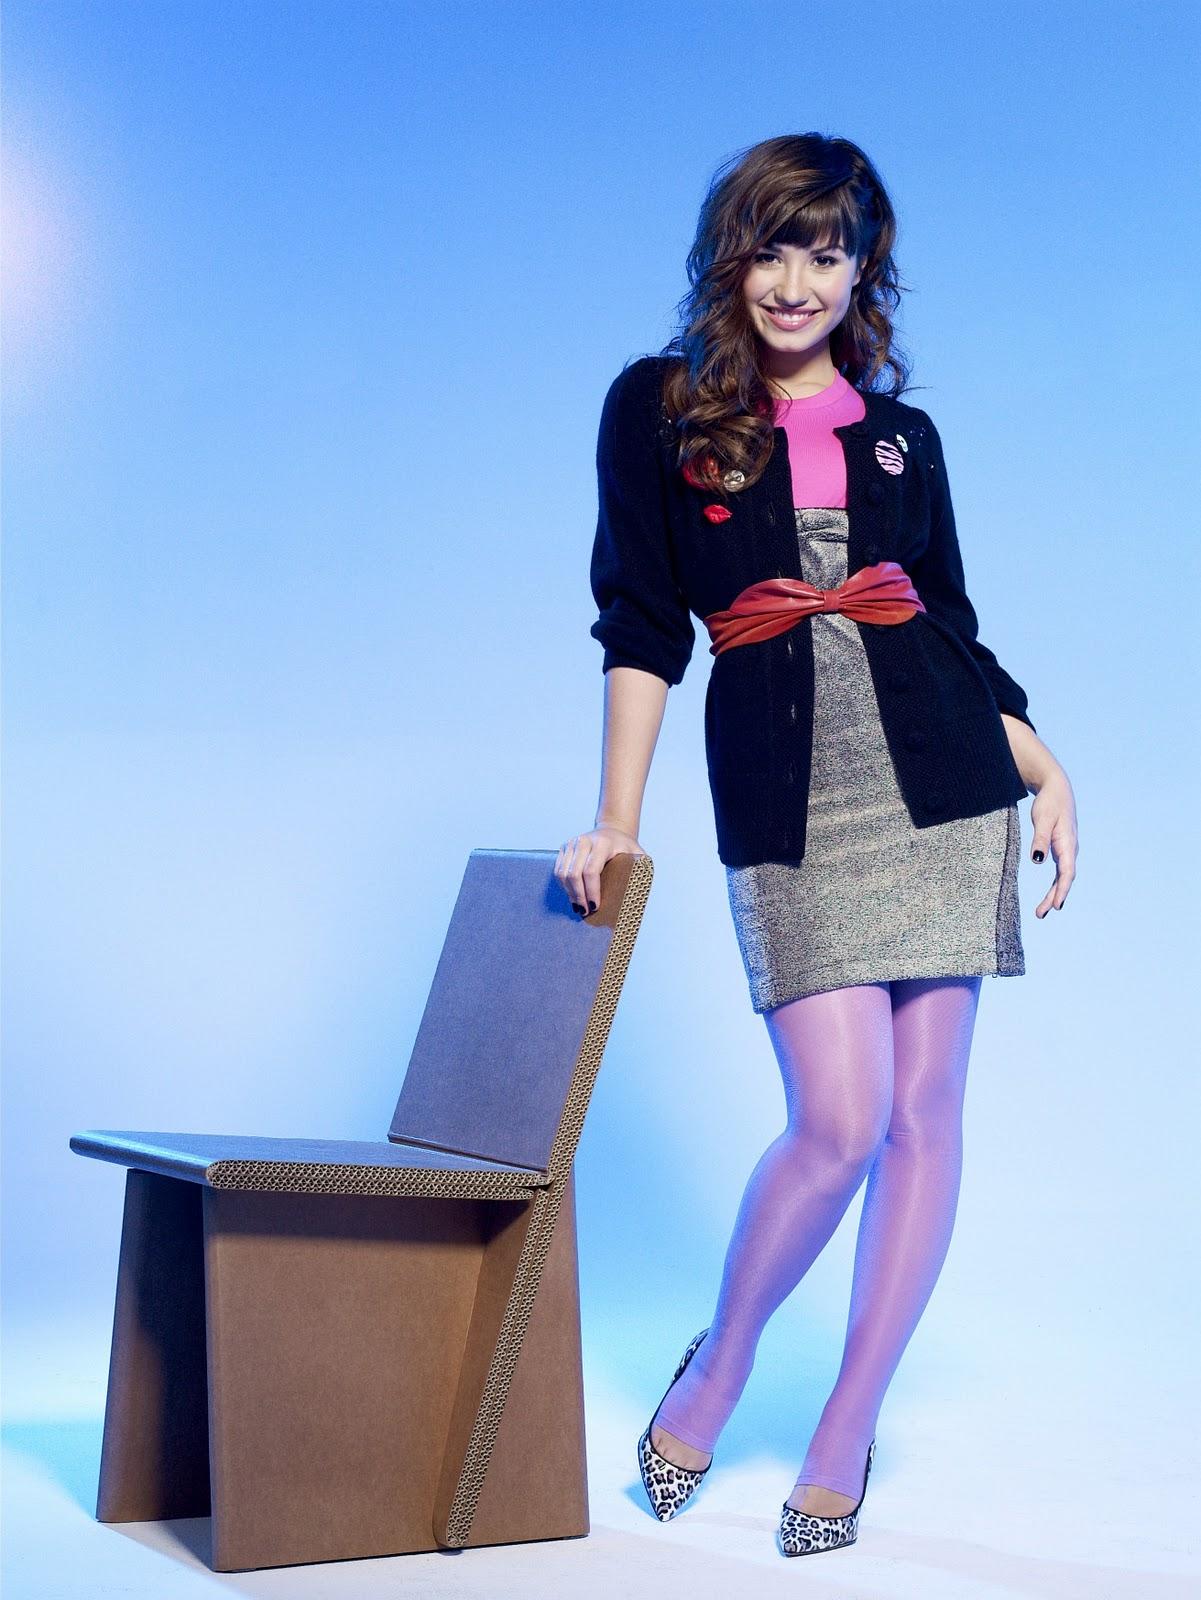 http://4.bp.blogspot.com/-gFfc0gr0Mwo/TpXMHR9boRI/AAAAAAAABZ4/tfm3Av6g4HQ/s1600/Demi_Lovato_Richa.jpg